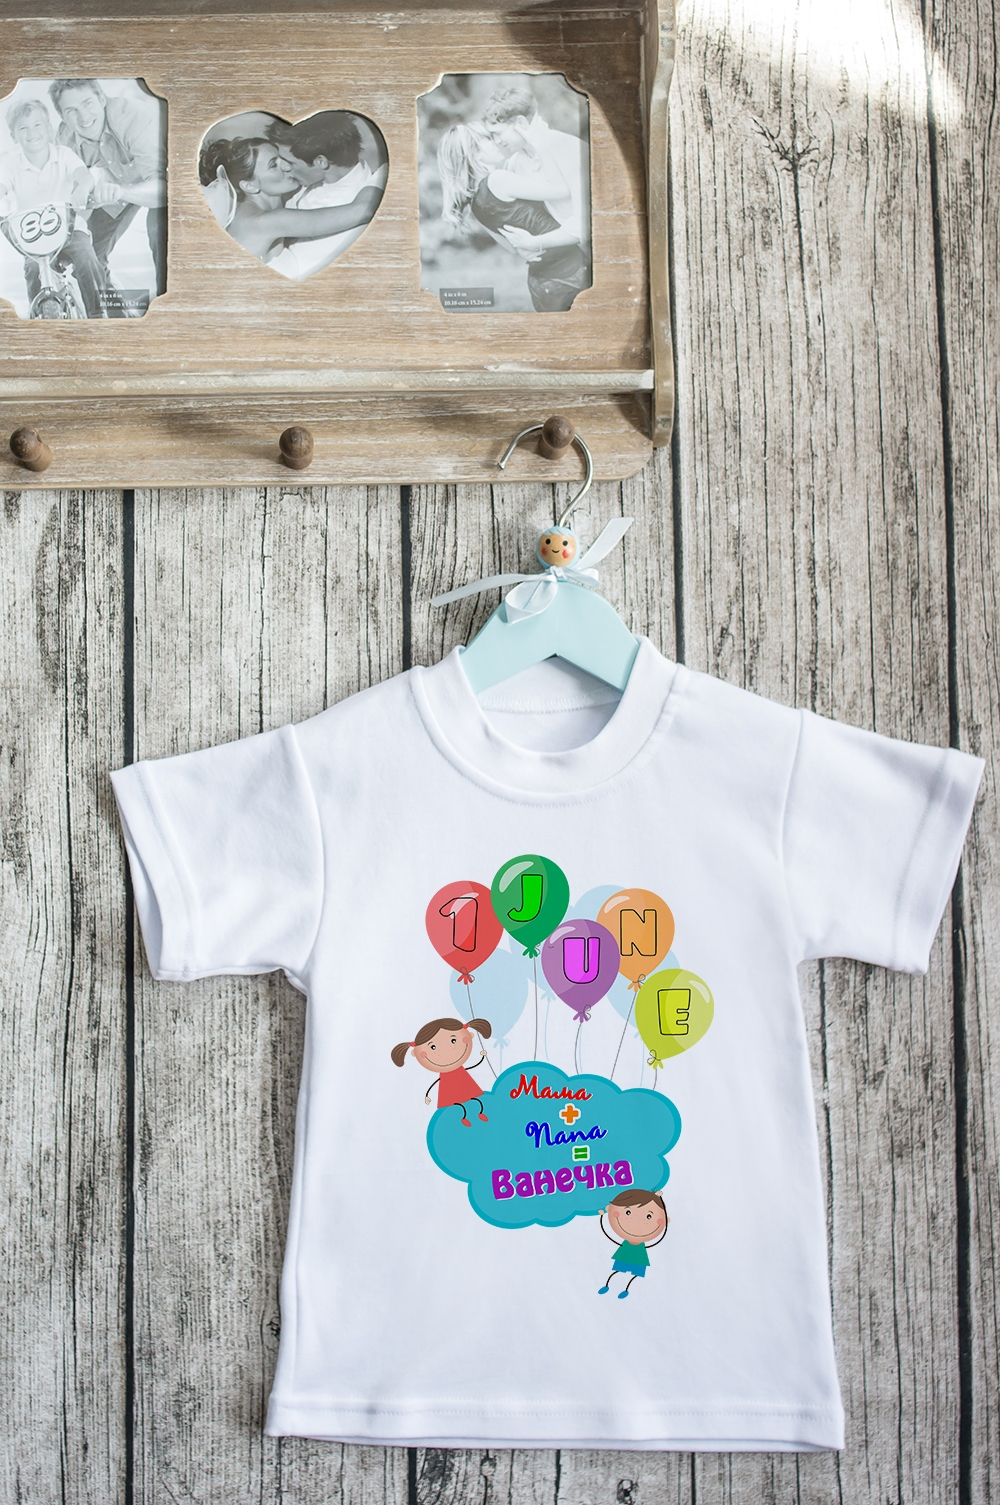 Футболка детская с вашим текстом 1 июняОригинальные и Необычные подарки<br>100% хлопок, белая, с нанесением текста. Товар является маломерным<br>